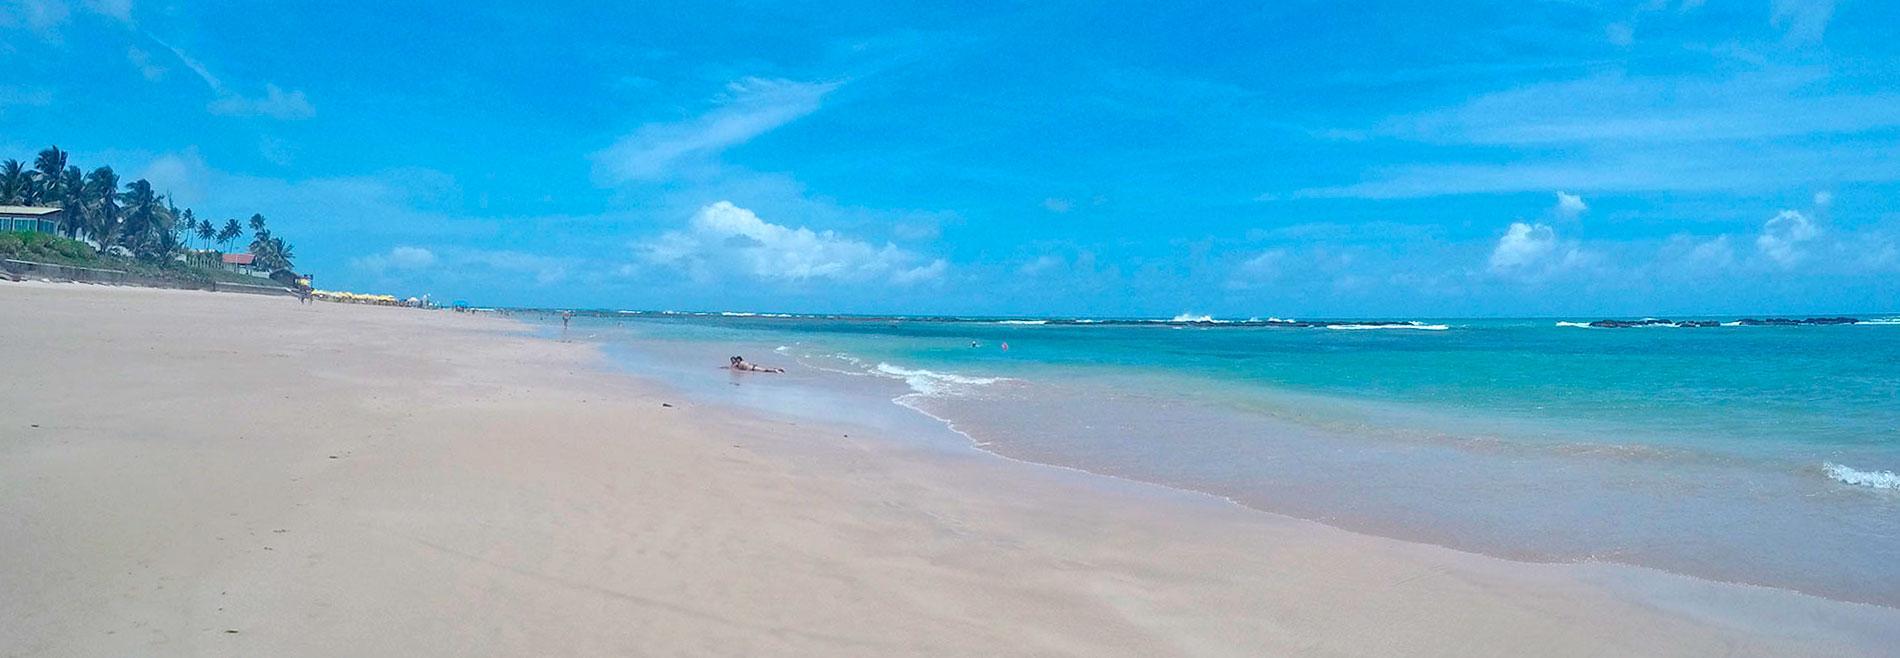 Playa de Porto de Galinhas